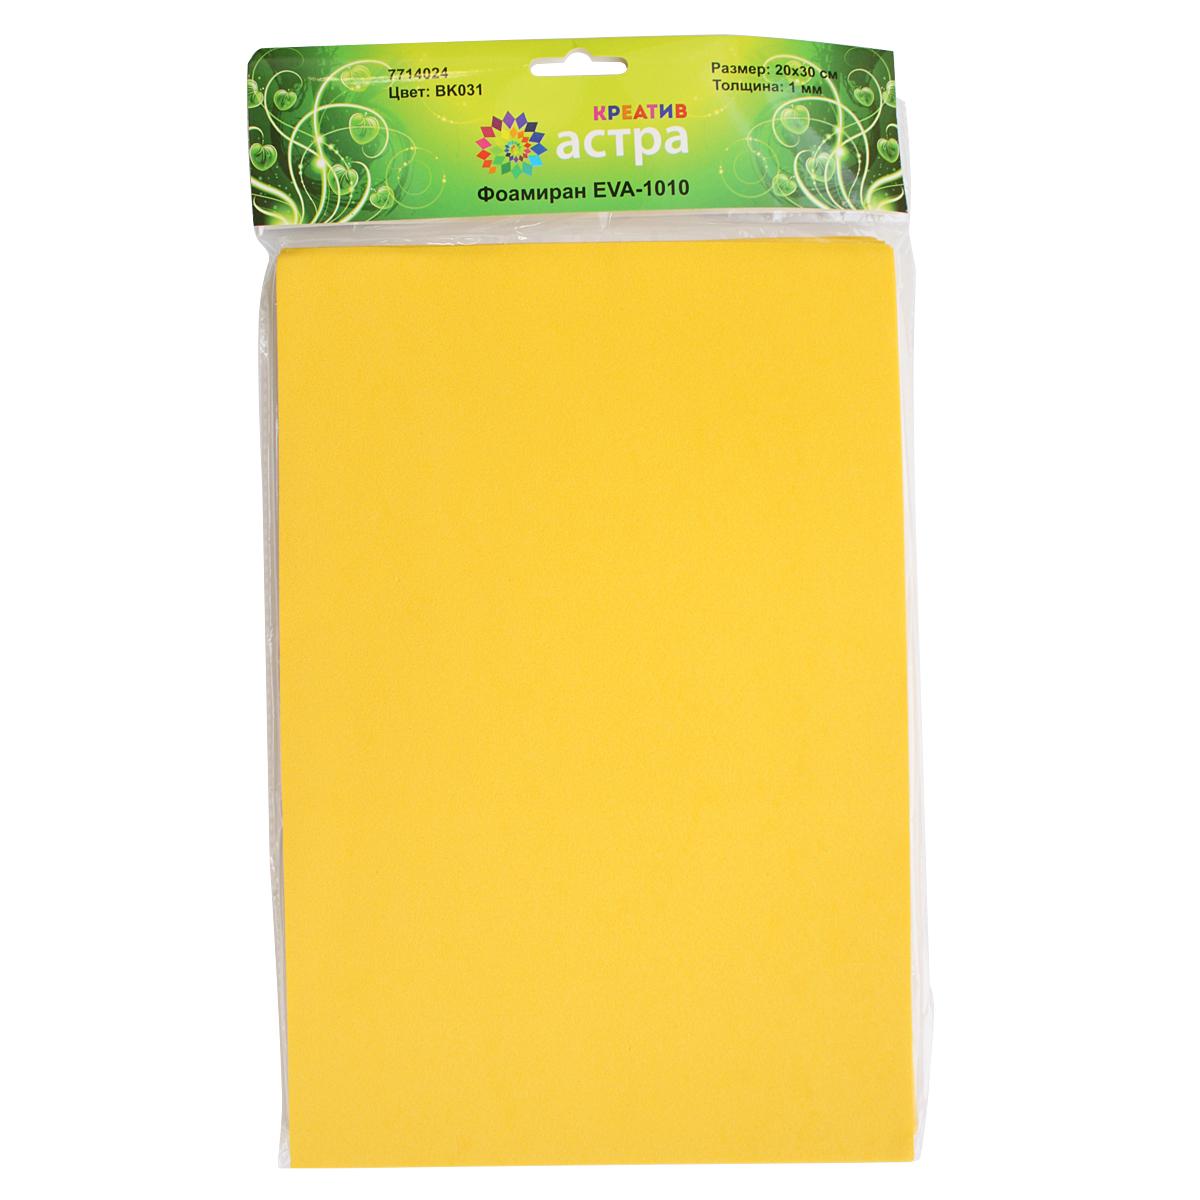 Фоамиран Астра, цвет: темно-желтый, 20 х 30 см, 10 штNLED-454-9W-BKФоамиран Астра - это пластичная замша, ее можно применить для создания разнообразного вида декора: открытки, магнитики, цветы, забавные игрушки и т.д. Главная особенность материала фоамиран заключается в его способности к незначительному растяжению, которого вполне достаточно для «запоминания» изделием своей формы.На ощупь мягкая синтетическая замша очень приятна и податлива, поэтому работать с ней не составит труда даже начинающему.Размер ткани: 200 x 300 мм. В упаковке 10 штук.